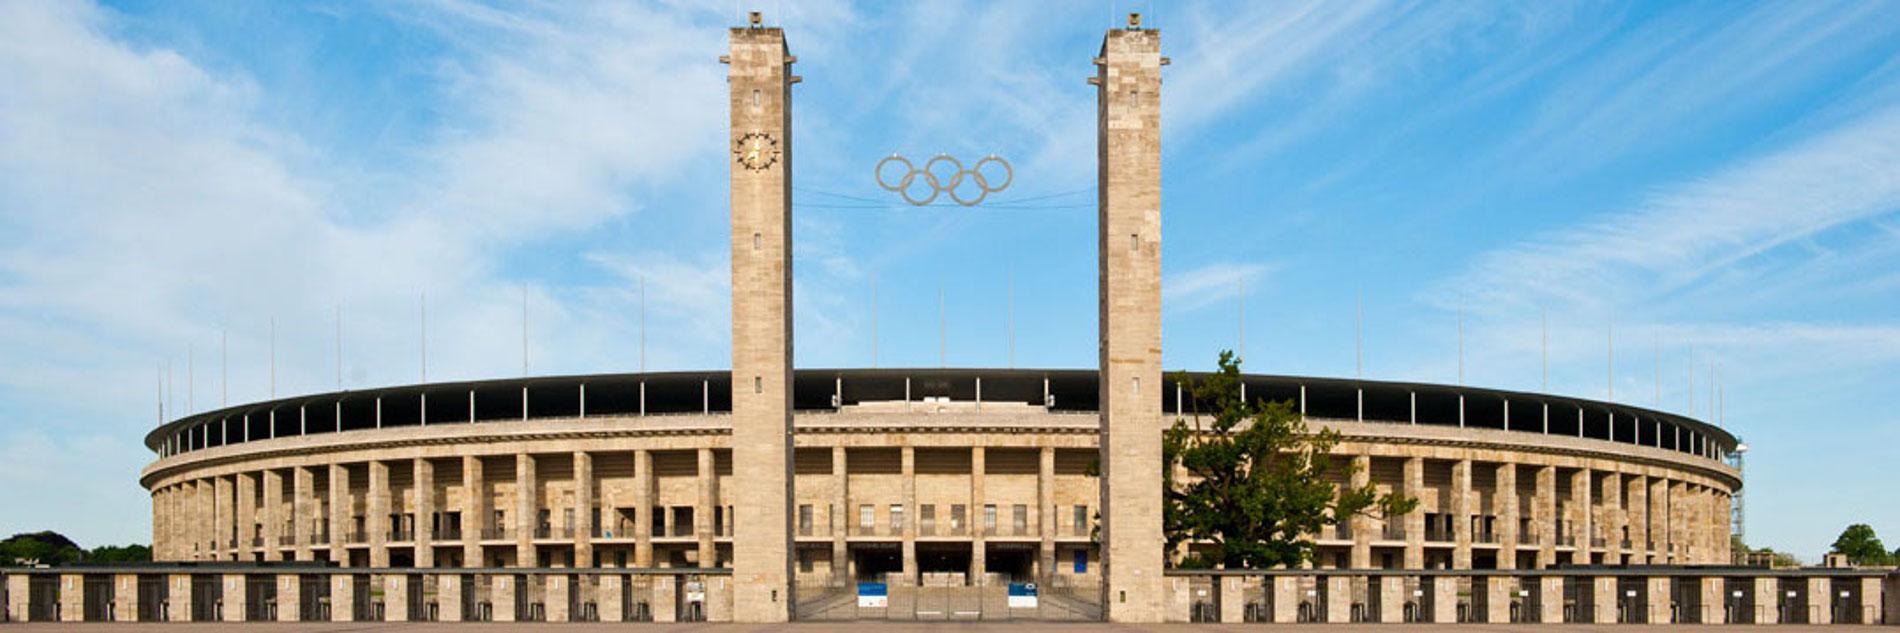 Der Haupteingang (Osttor) vom Olympiastadion Berlin vor blauem Himmel von außen fotografiert. Zwischen zwei Türmen sind die fünf olympischen Ringe sowie die Stadionränge von hinten zu sehen.